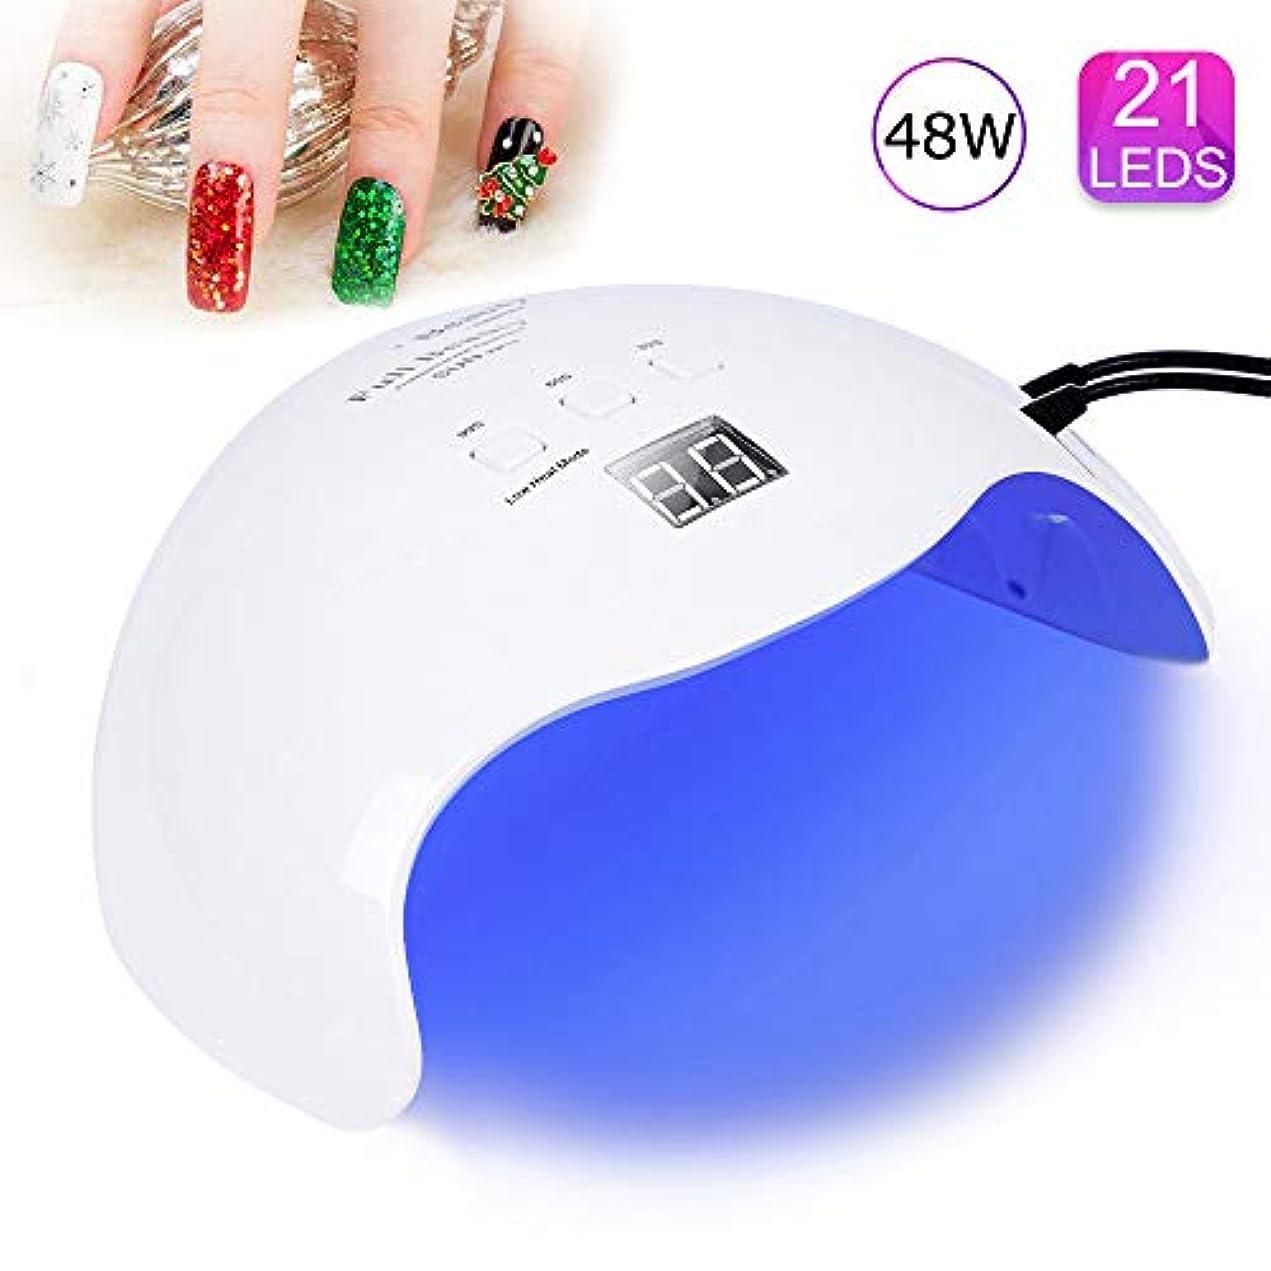 からかうセンターを通して紫外線LEDネイルドライヤー、48Wサロン品質プロフェッショナルジェルライト、3タイマーセットネイルライト、インテリジェント自動検知、LEDデジタルディスプレイ、UVジェル/